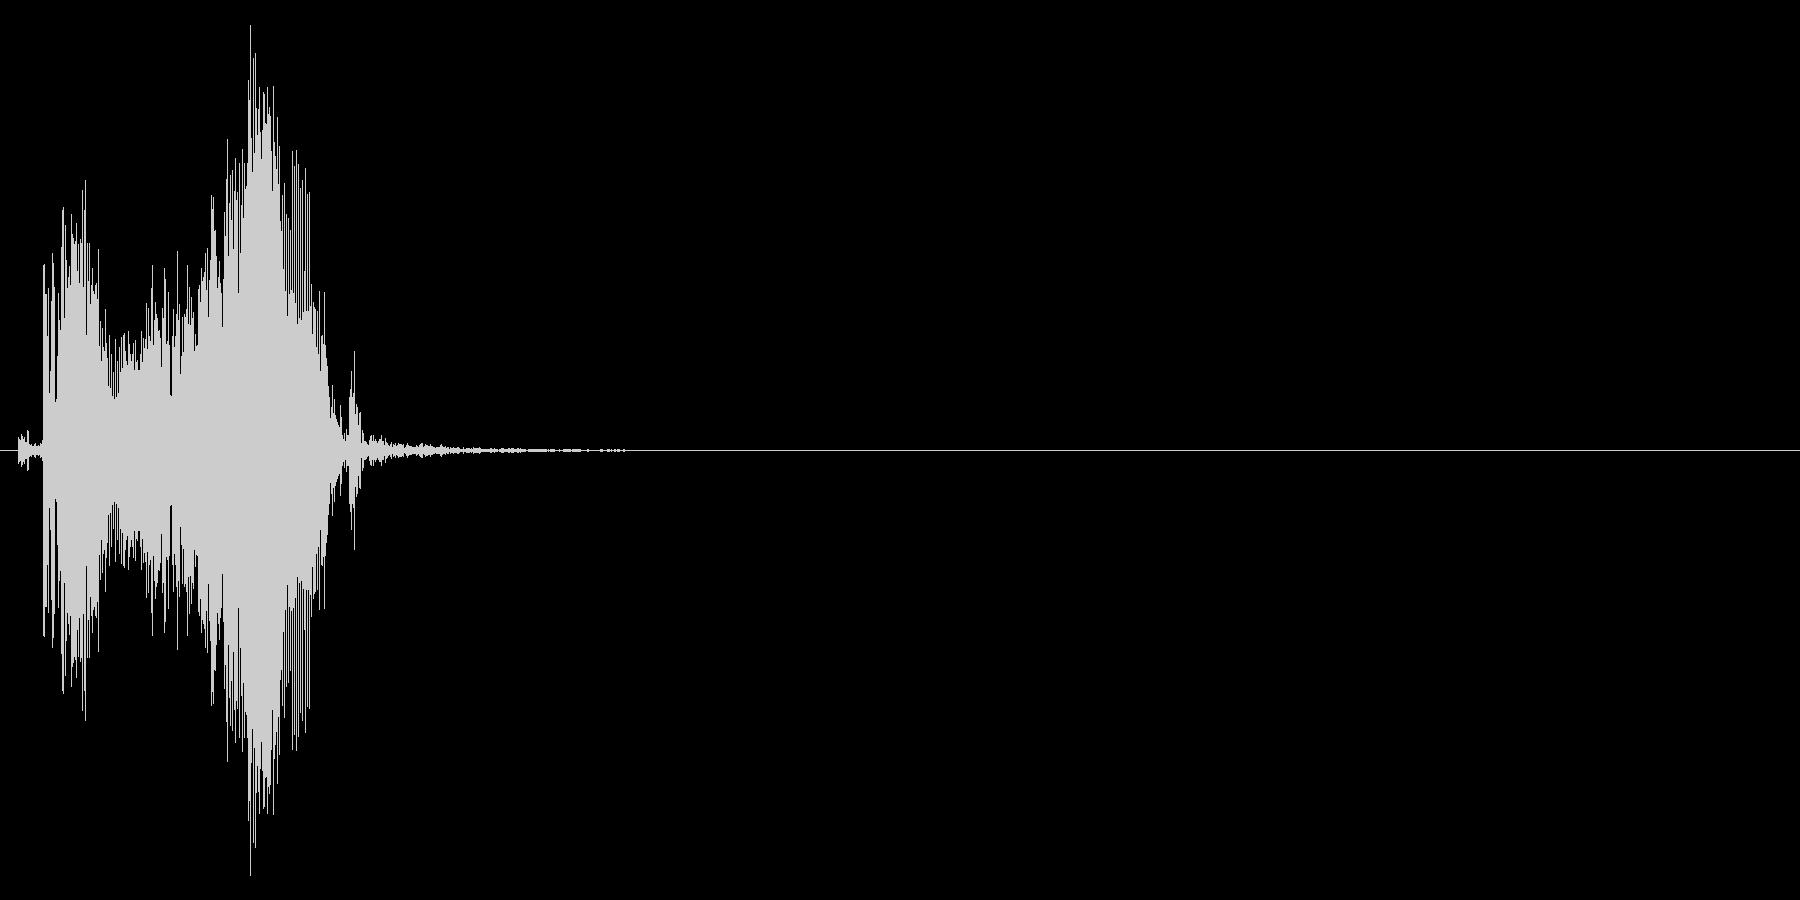 ジッパー、ファスナーを開ける音2-3の未再生の波形